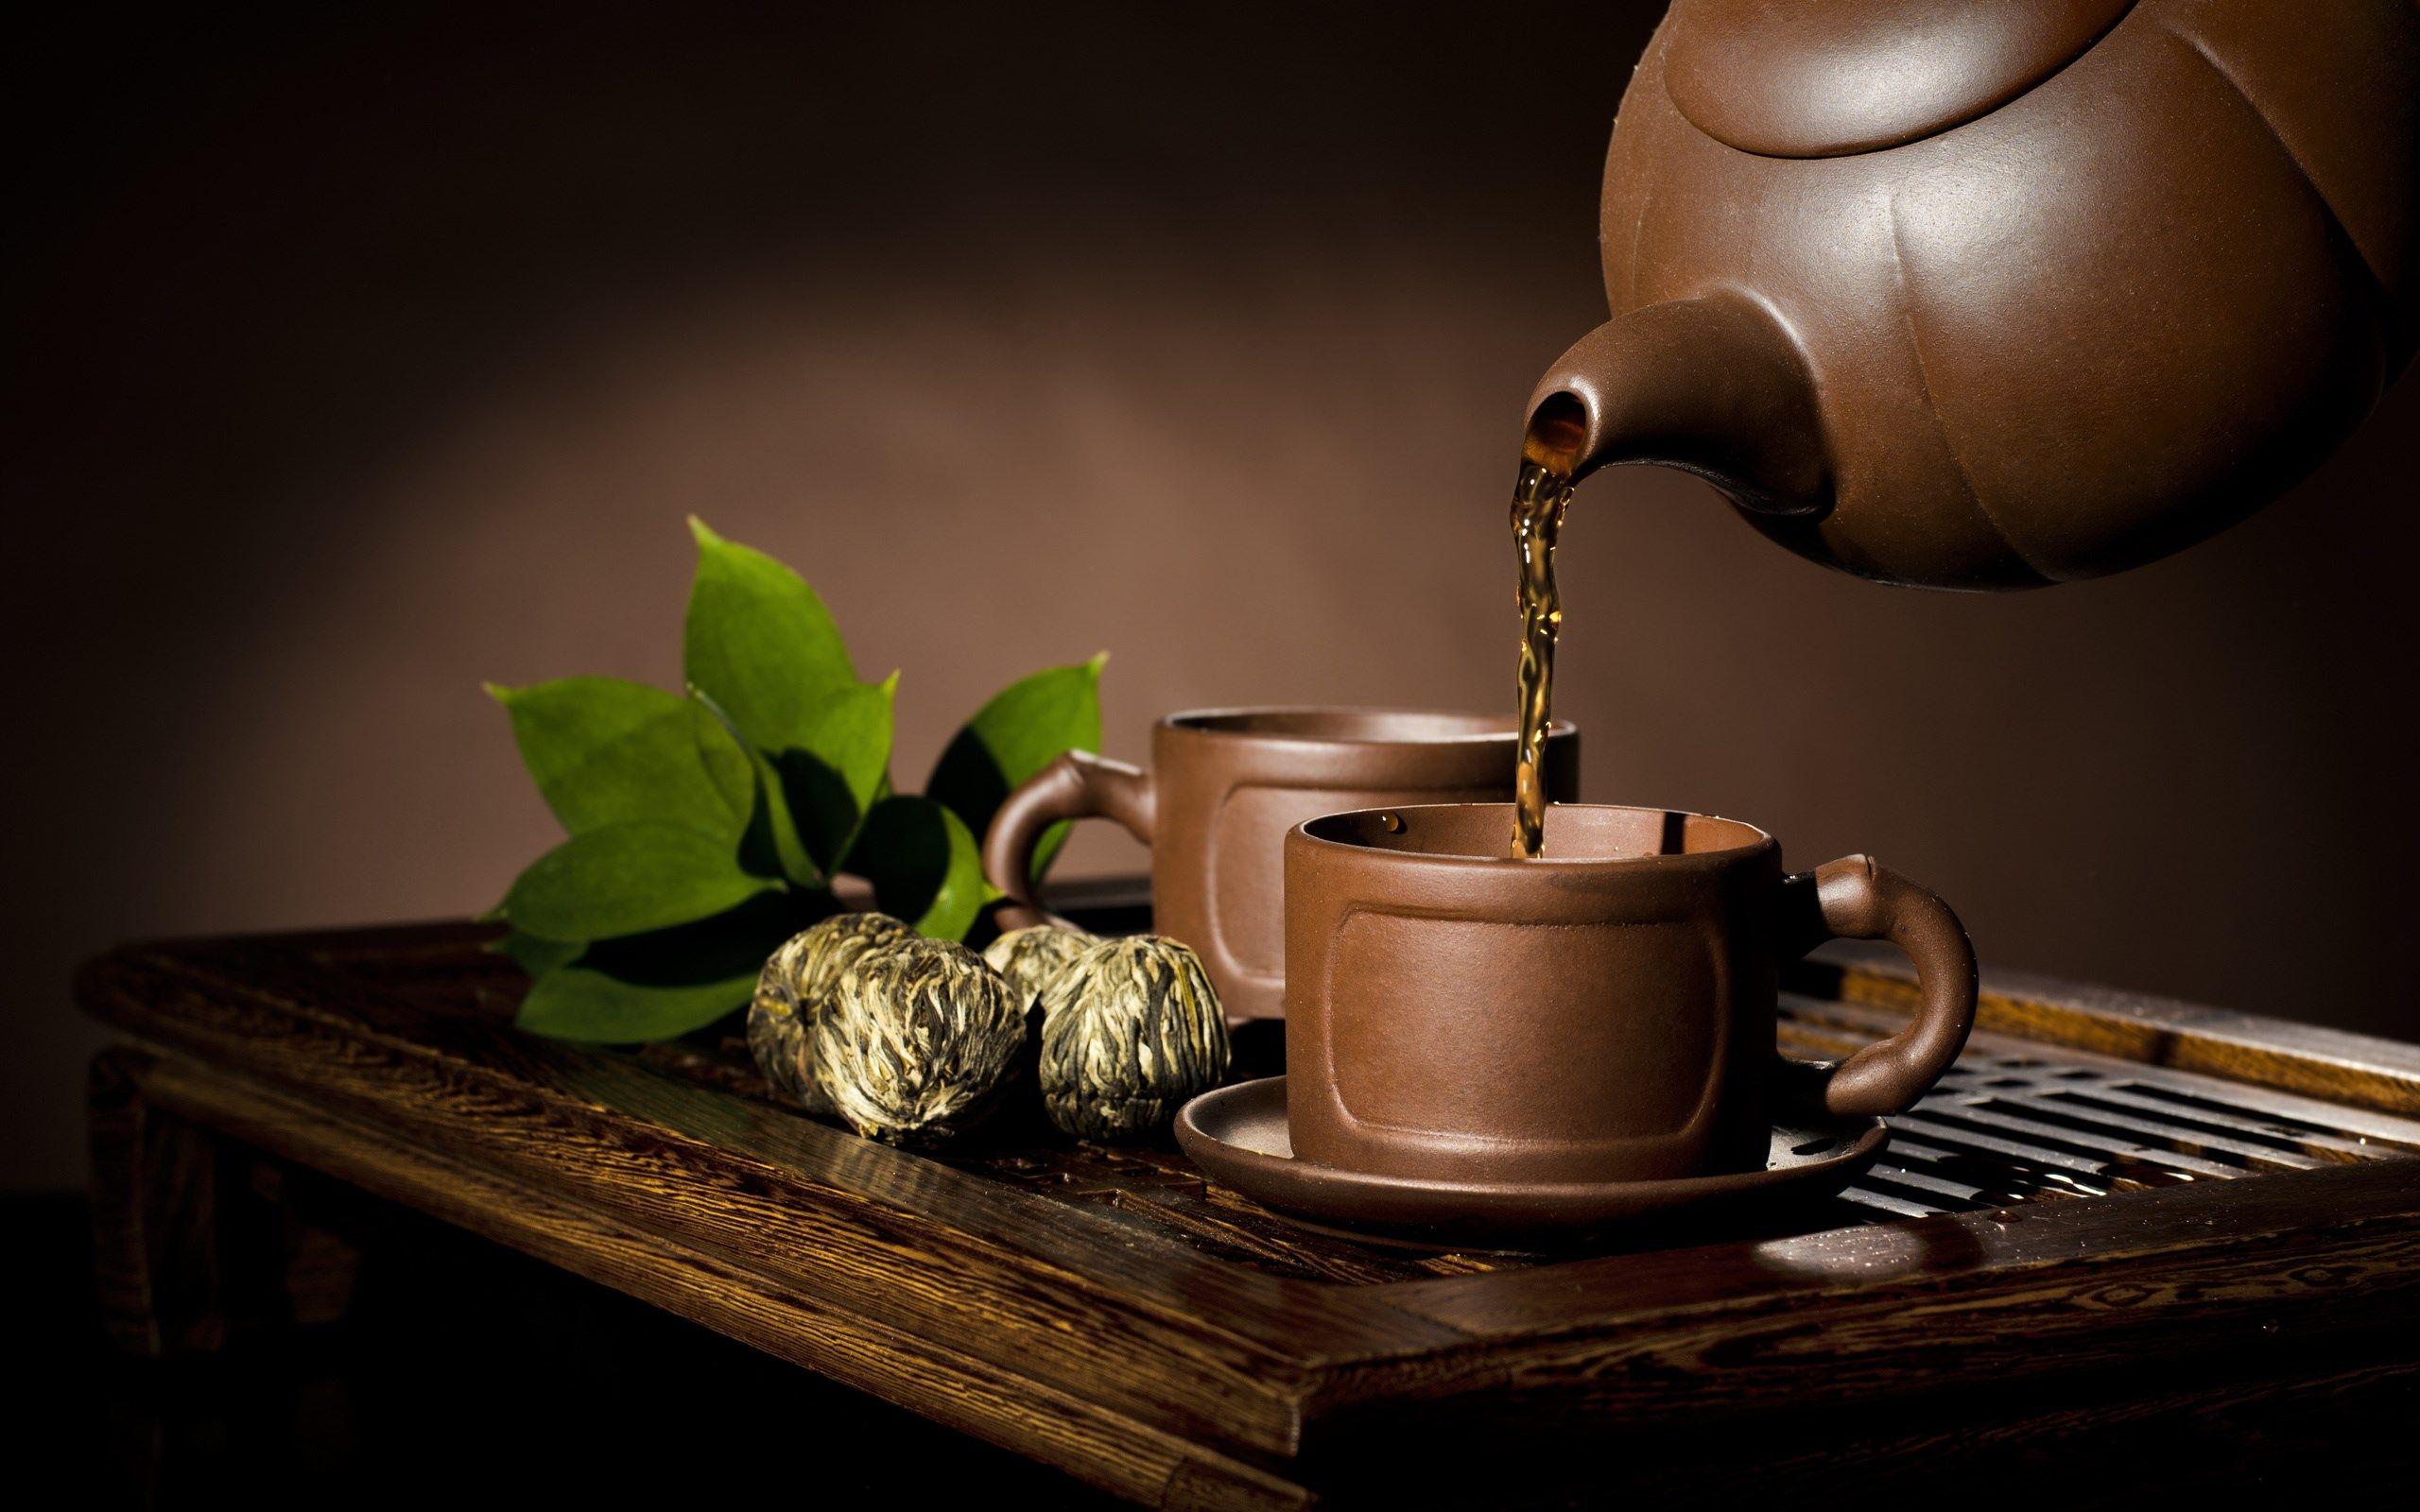 tea wallpaper hd sharovarka Pinterest